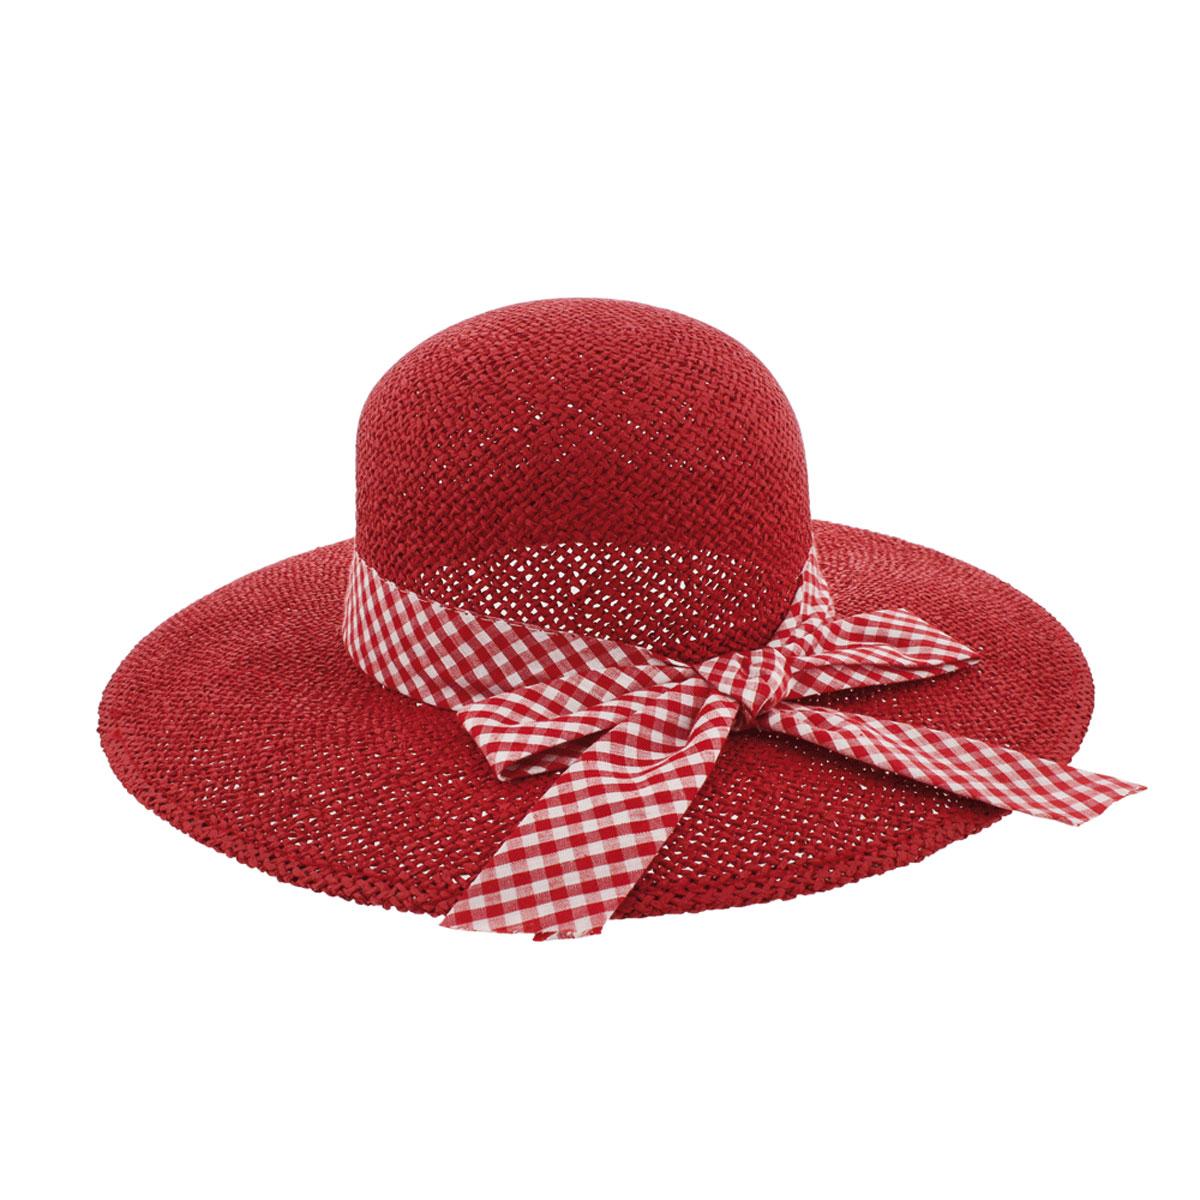 77-100-17-57Широкополая шляпа R.Mountain Clara украсит любой наряд. Она дополнена вокруг тульи широкой лентой с принтом в клетку, завязанной в бант. Благодаря своей форме, шляпа удобно садится по голове и подойдет к любому стилю. Модель легко восстанавливает свою форму после сжатия. Такая шляпка подчеркнет вашу неповторимость и дополнит ваш повседневный образ.